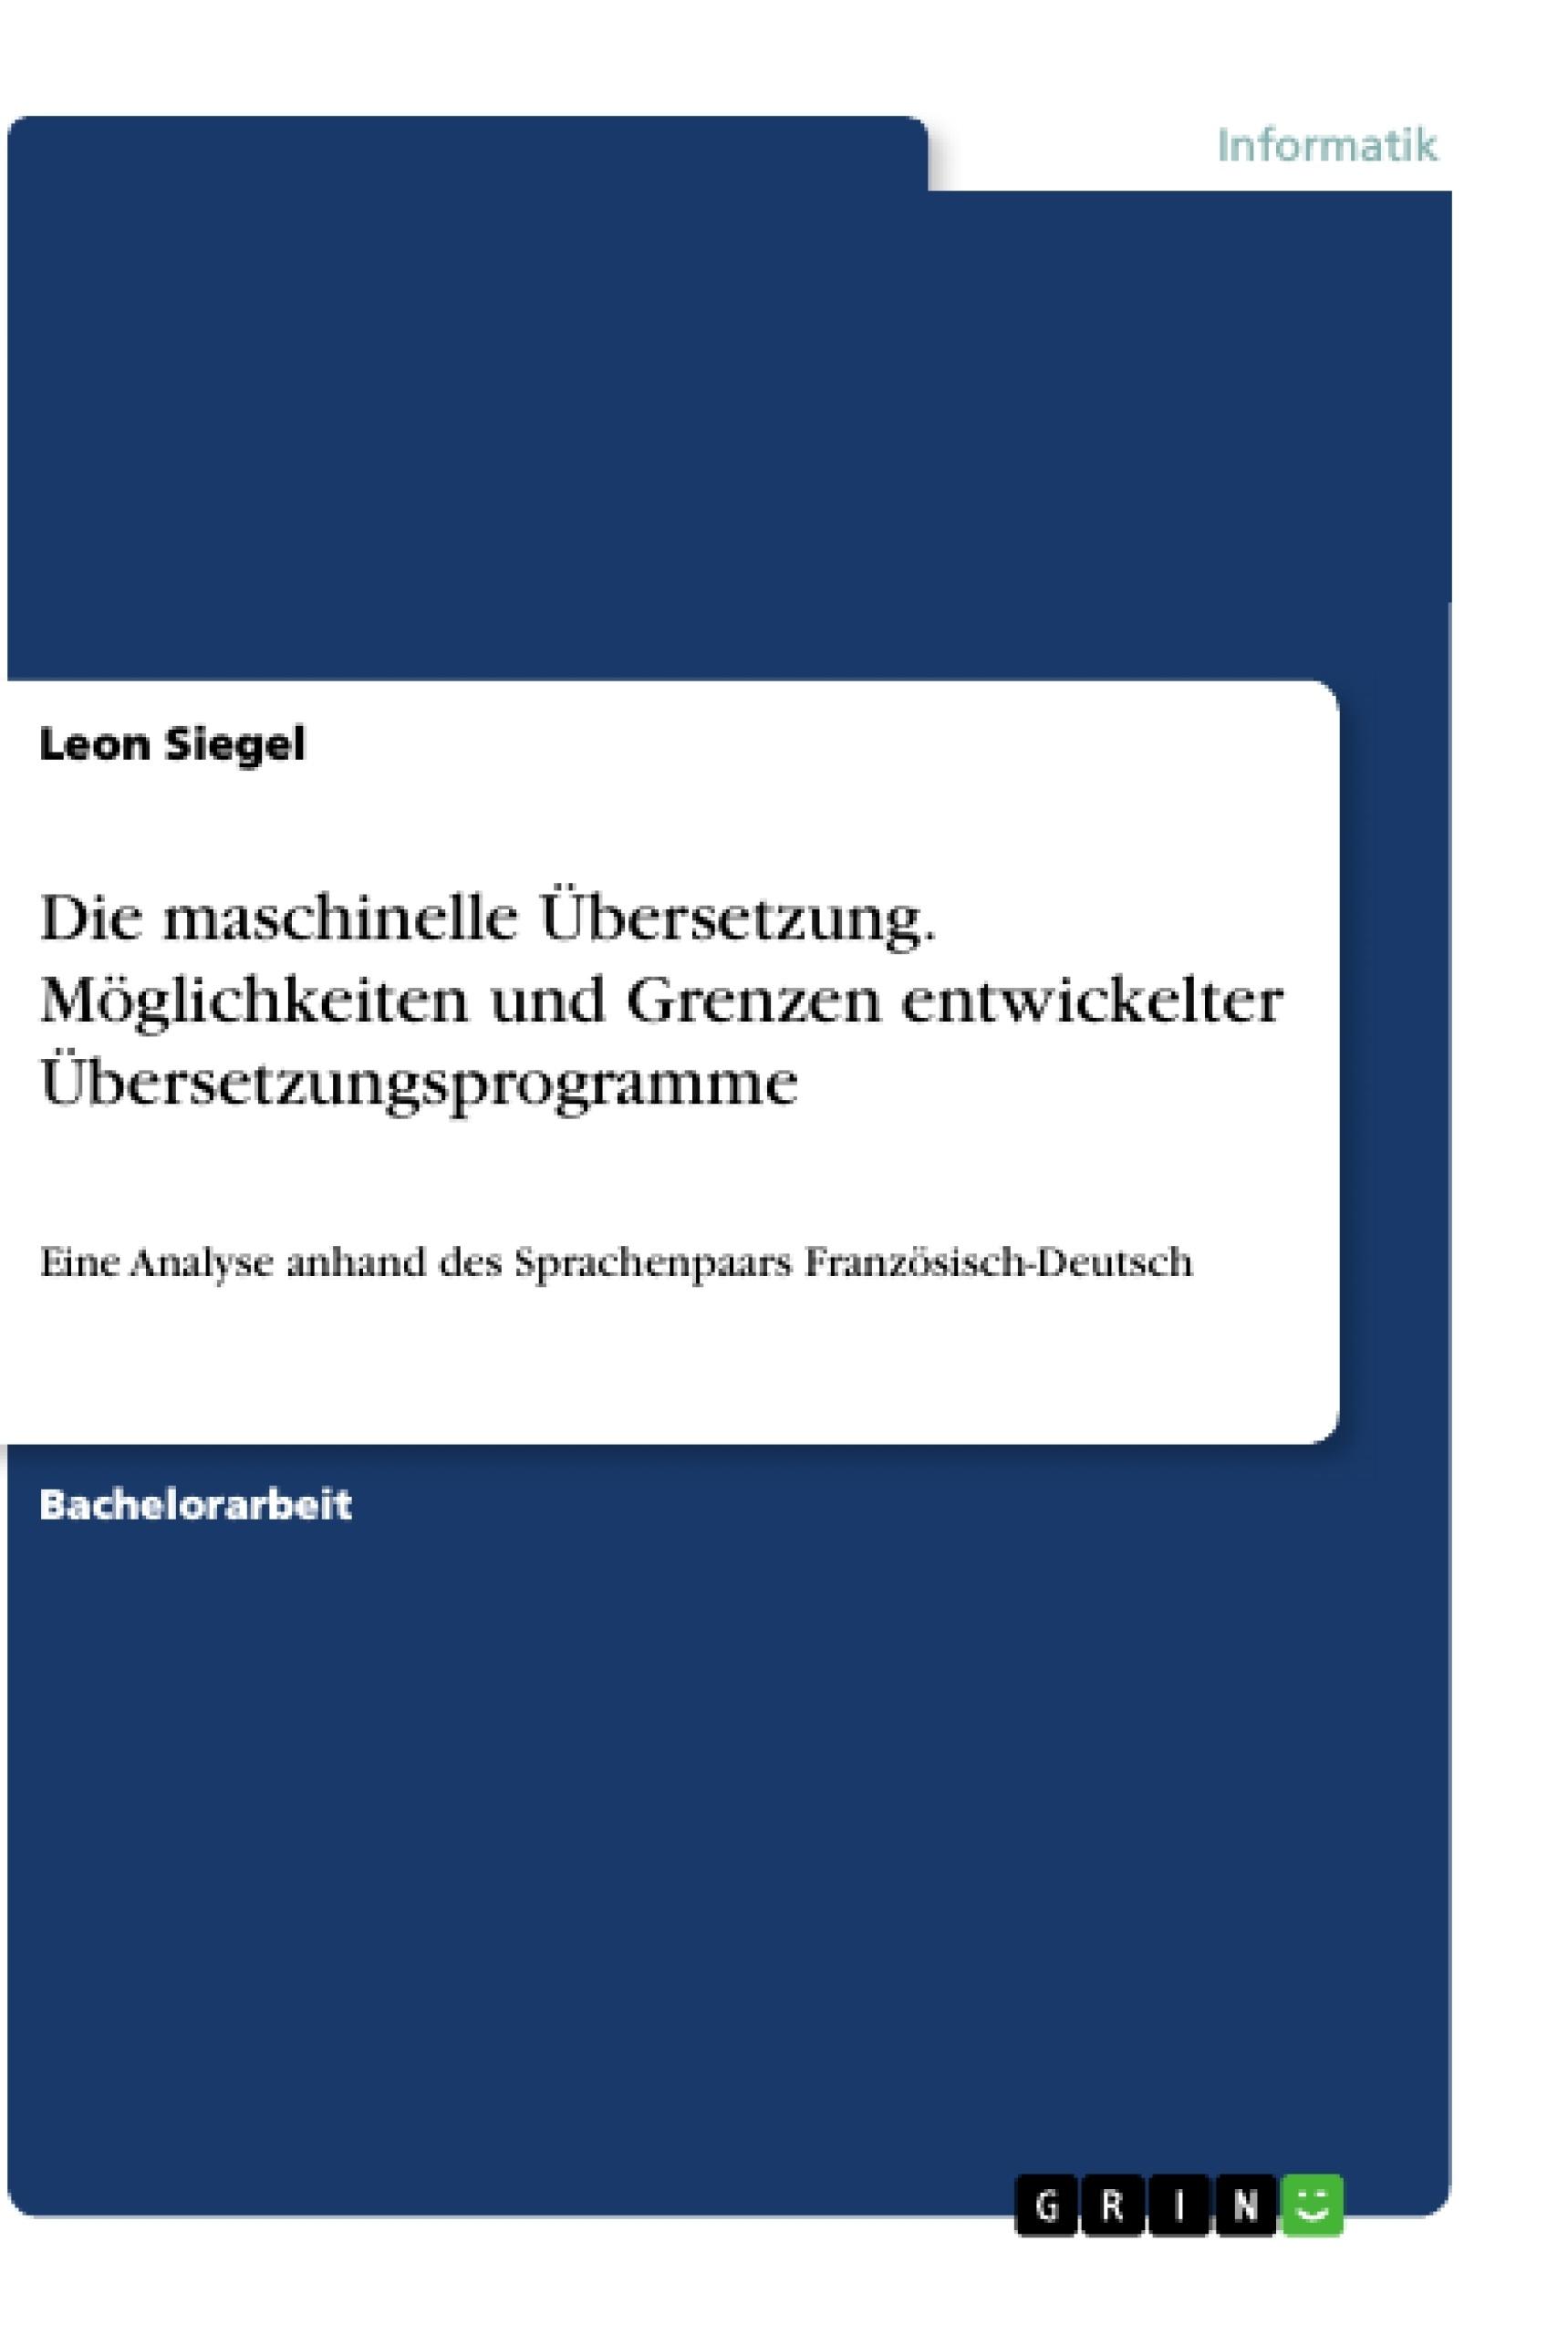 Titel: Die maschinelle Übersetzung. Möglichkeiten und Grenzen entwickelter Übersetzungsprogramme